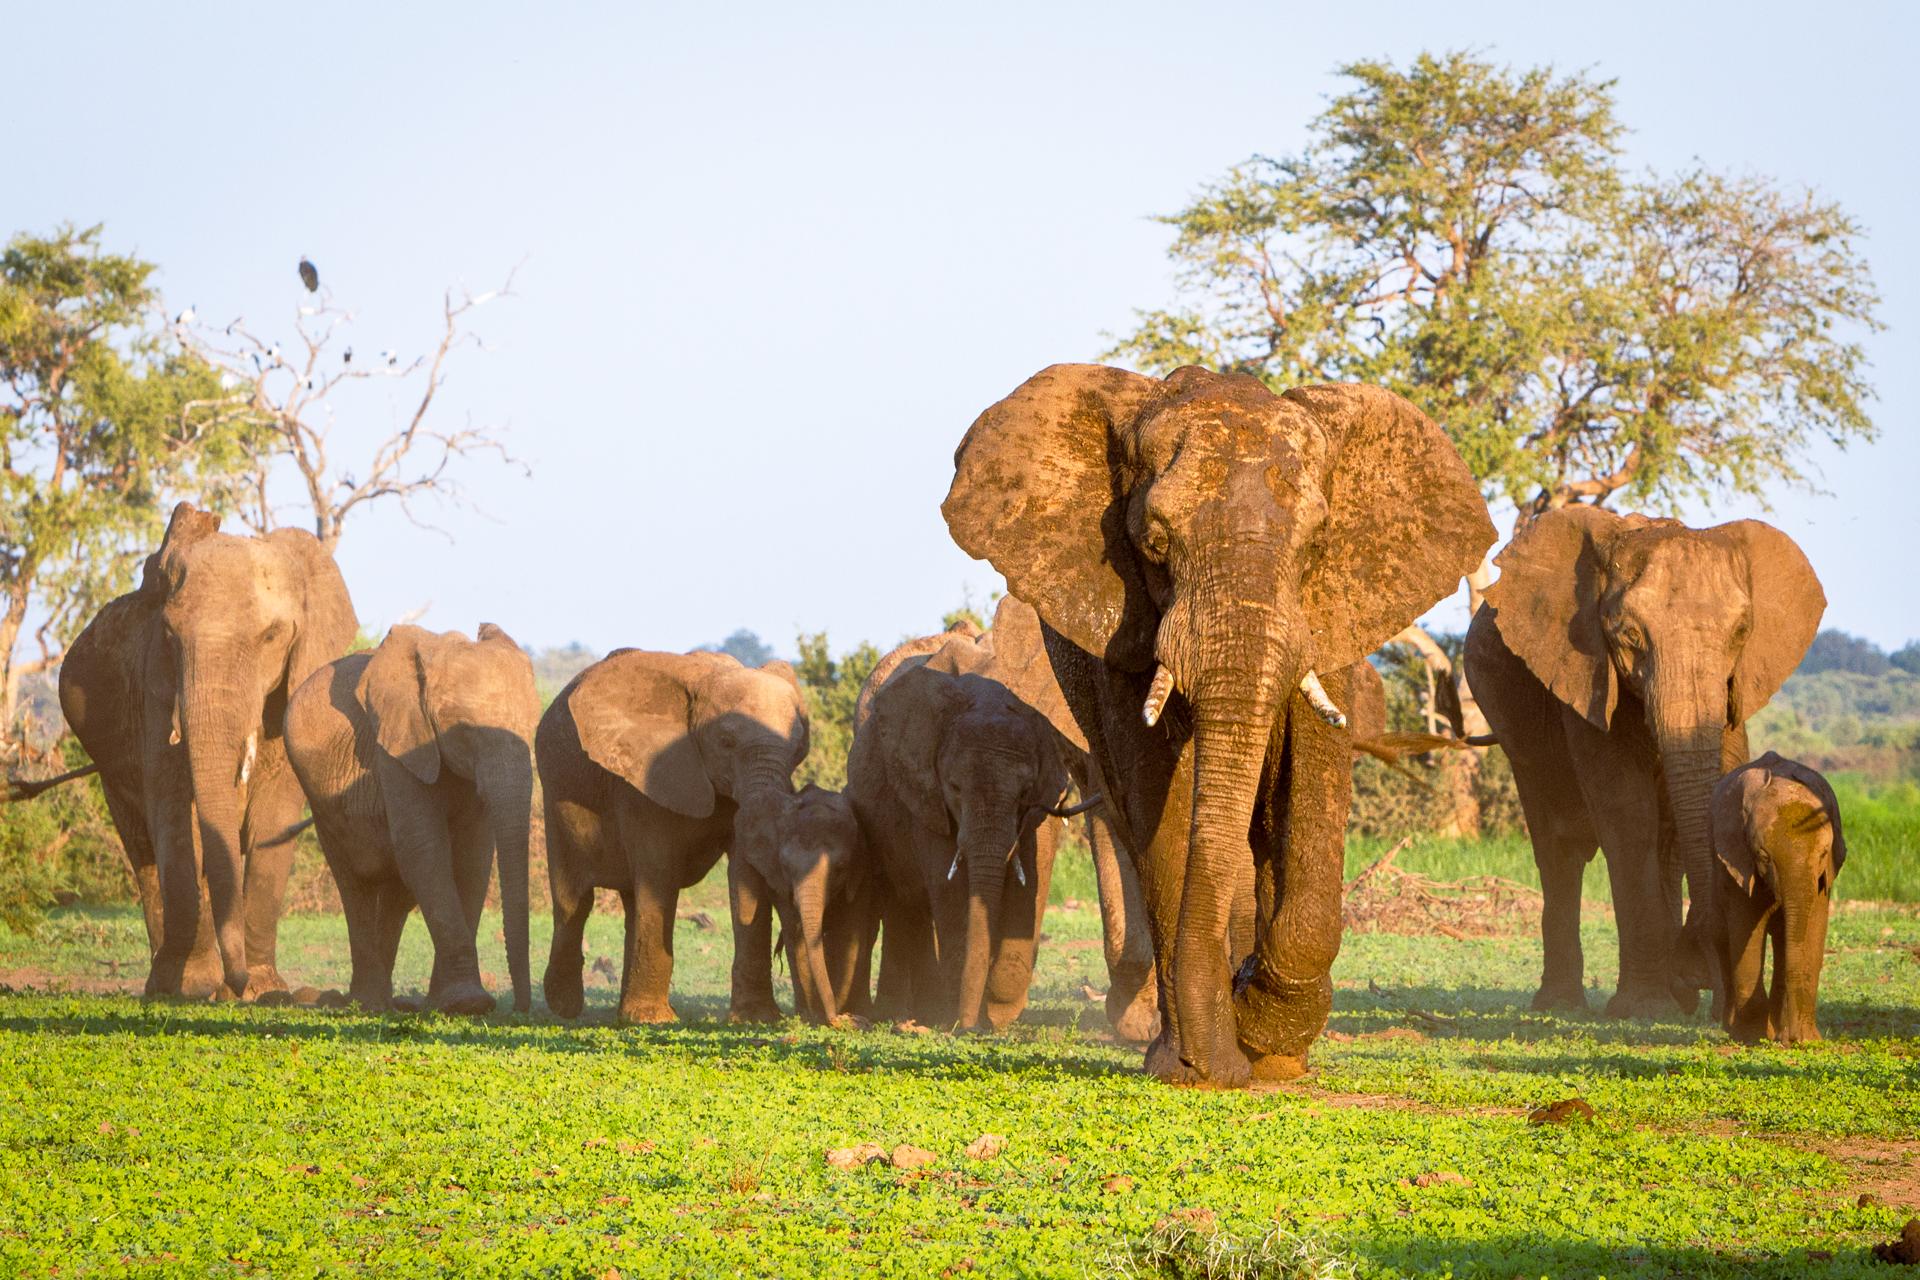 Herd of elephants walking across field of green grass